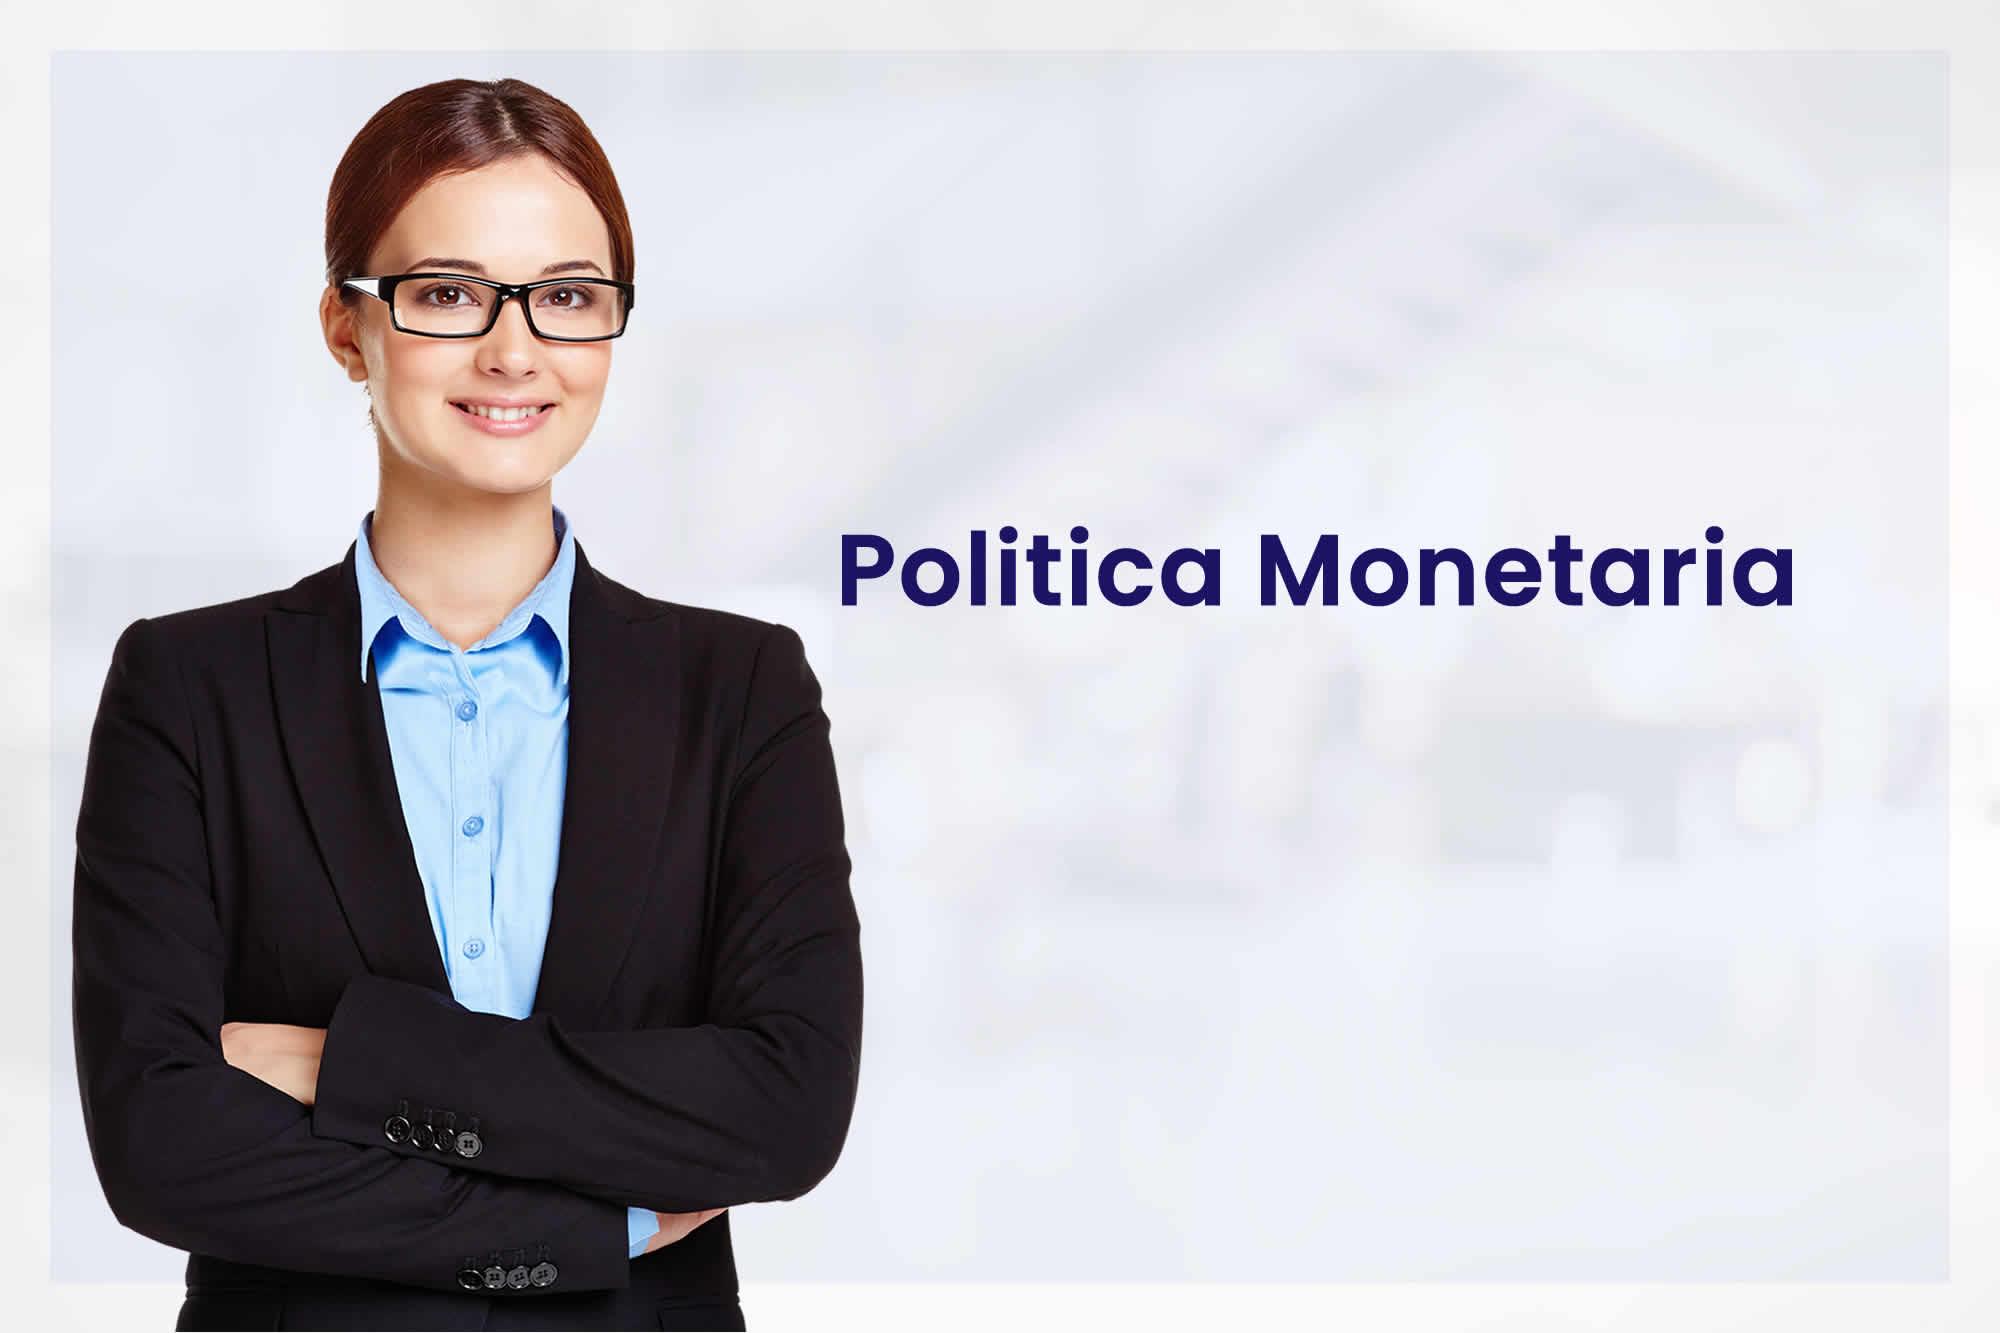 INKARIPERU | POLITICA MONETARIA